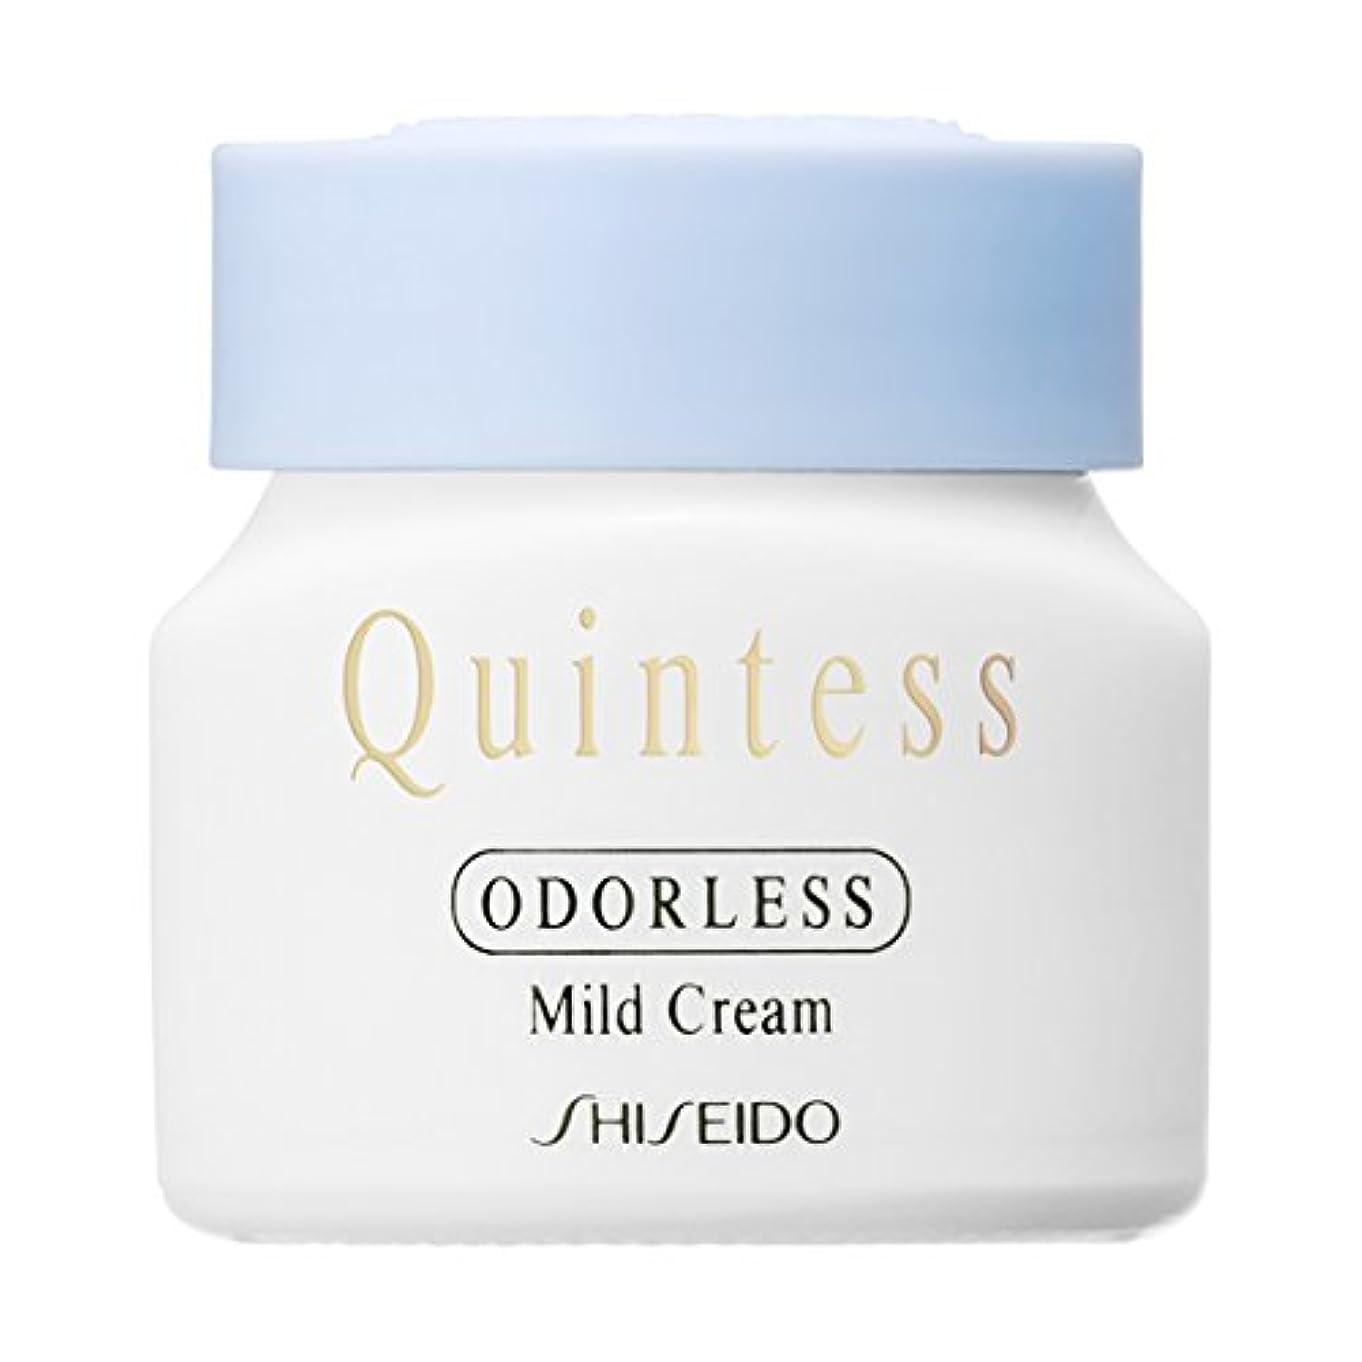 体現するしない作り上げるクインテス オーダレス マイルドクリーム 30g